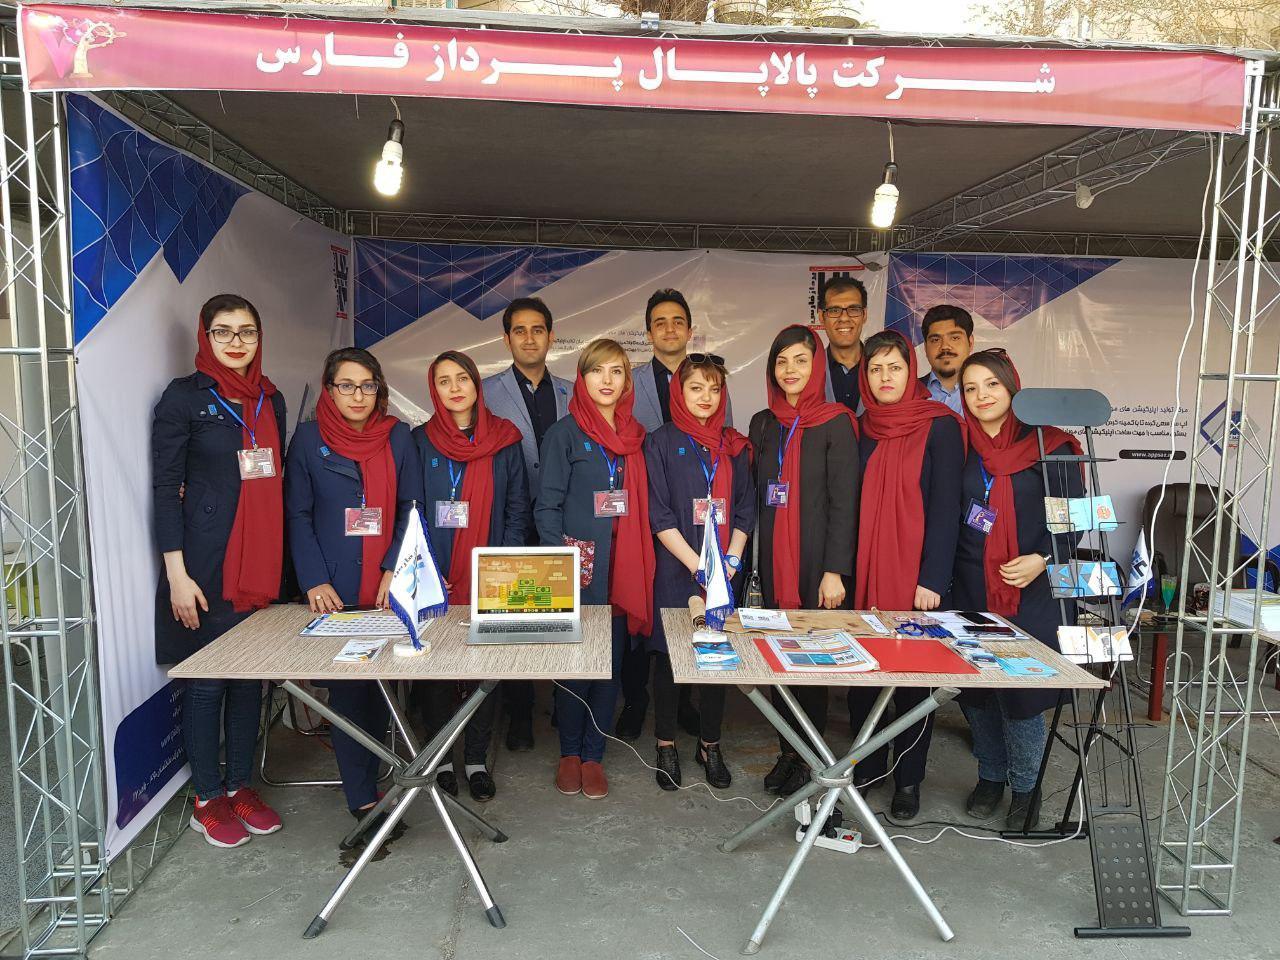 photo ۲۰۱۸ ۰۳ ۰۷ ۲۲ ۲۸ ۴۳ - تقدیر از اپساز در هفتمین جشنواره حامیان حقوق مصرف کنندگان فارس